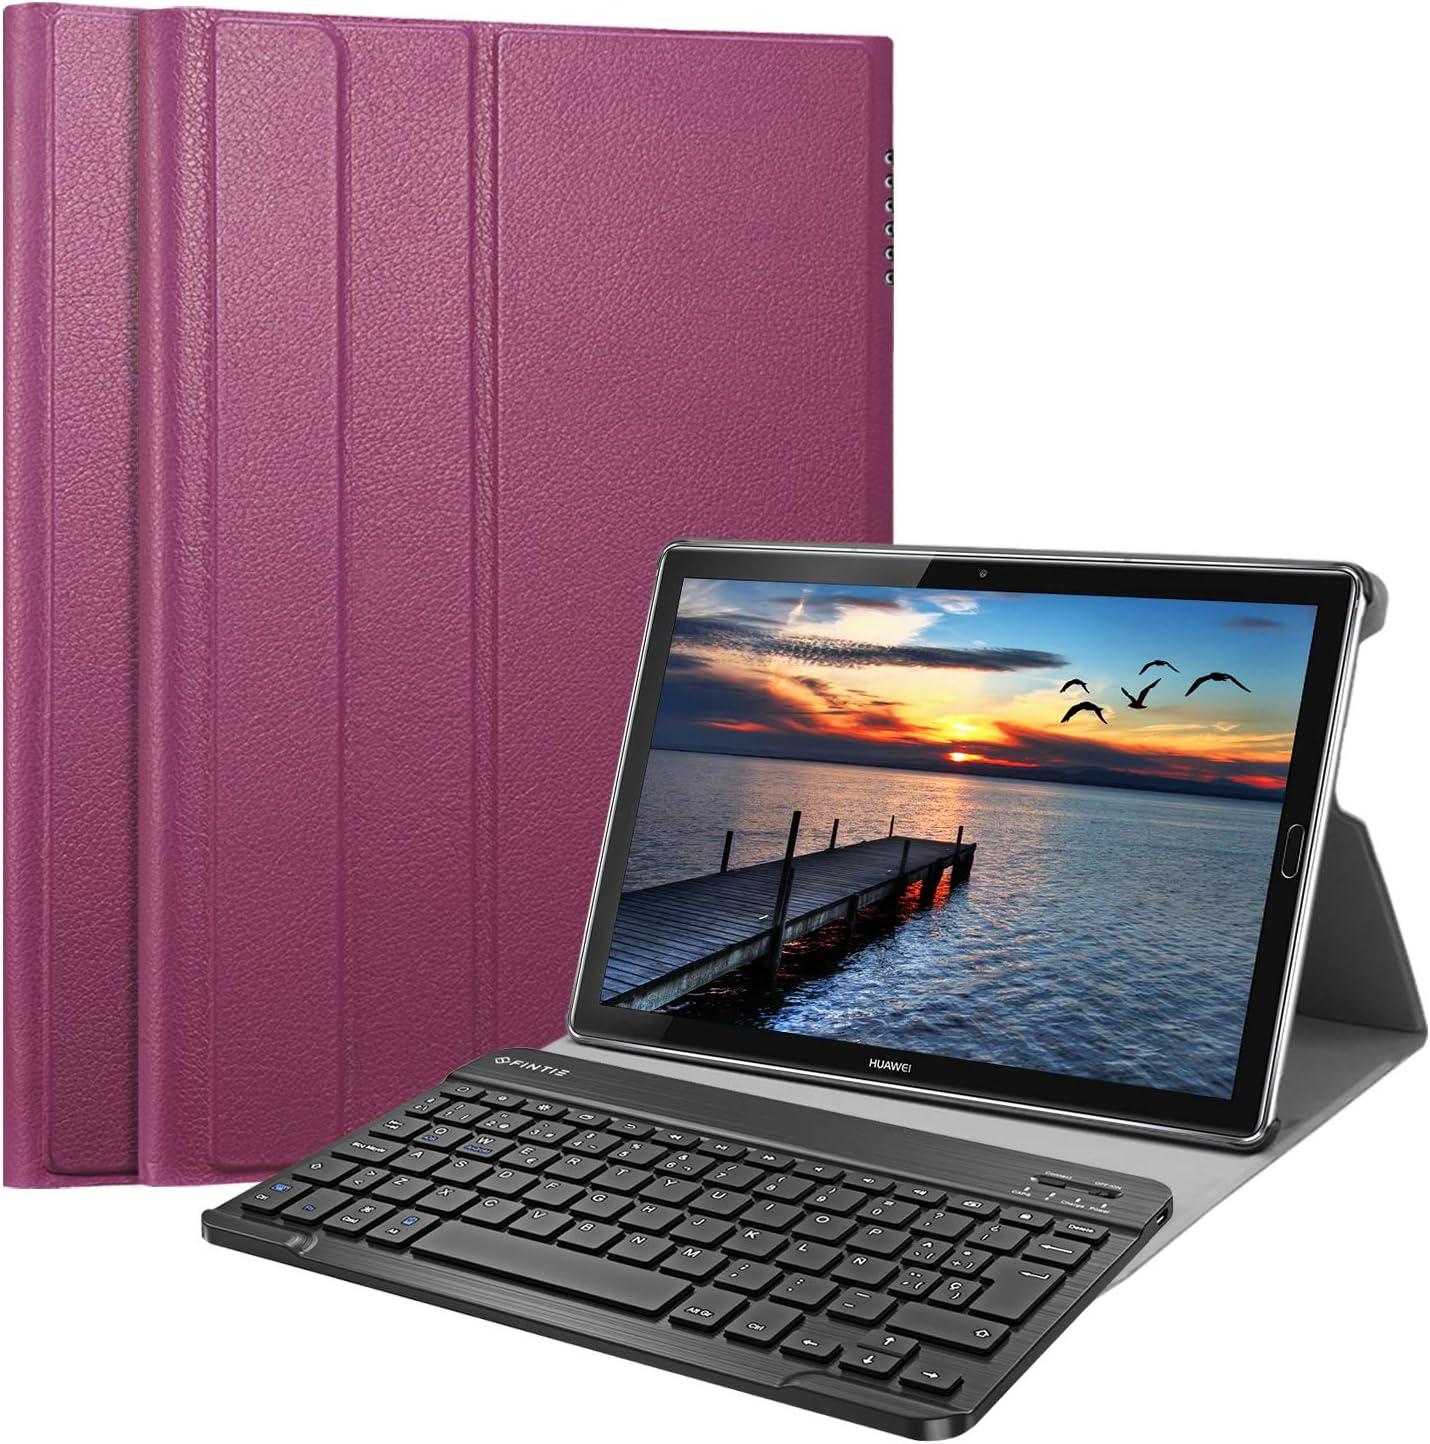 Fintie Funda con Teclado Español Ñ para Huawei MediaPad M5 10.8 / M5 Pro 10.8 - Carcasa SlimShell con Soporte y Teclado Bluetooth Inalámbrico Magnético Desmontable, Morado